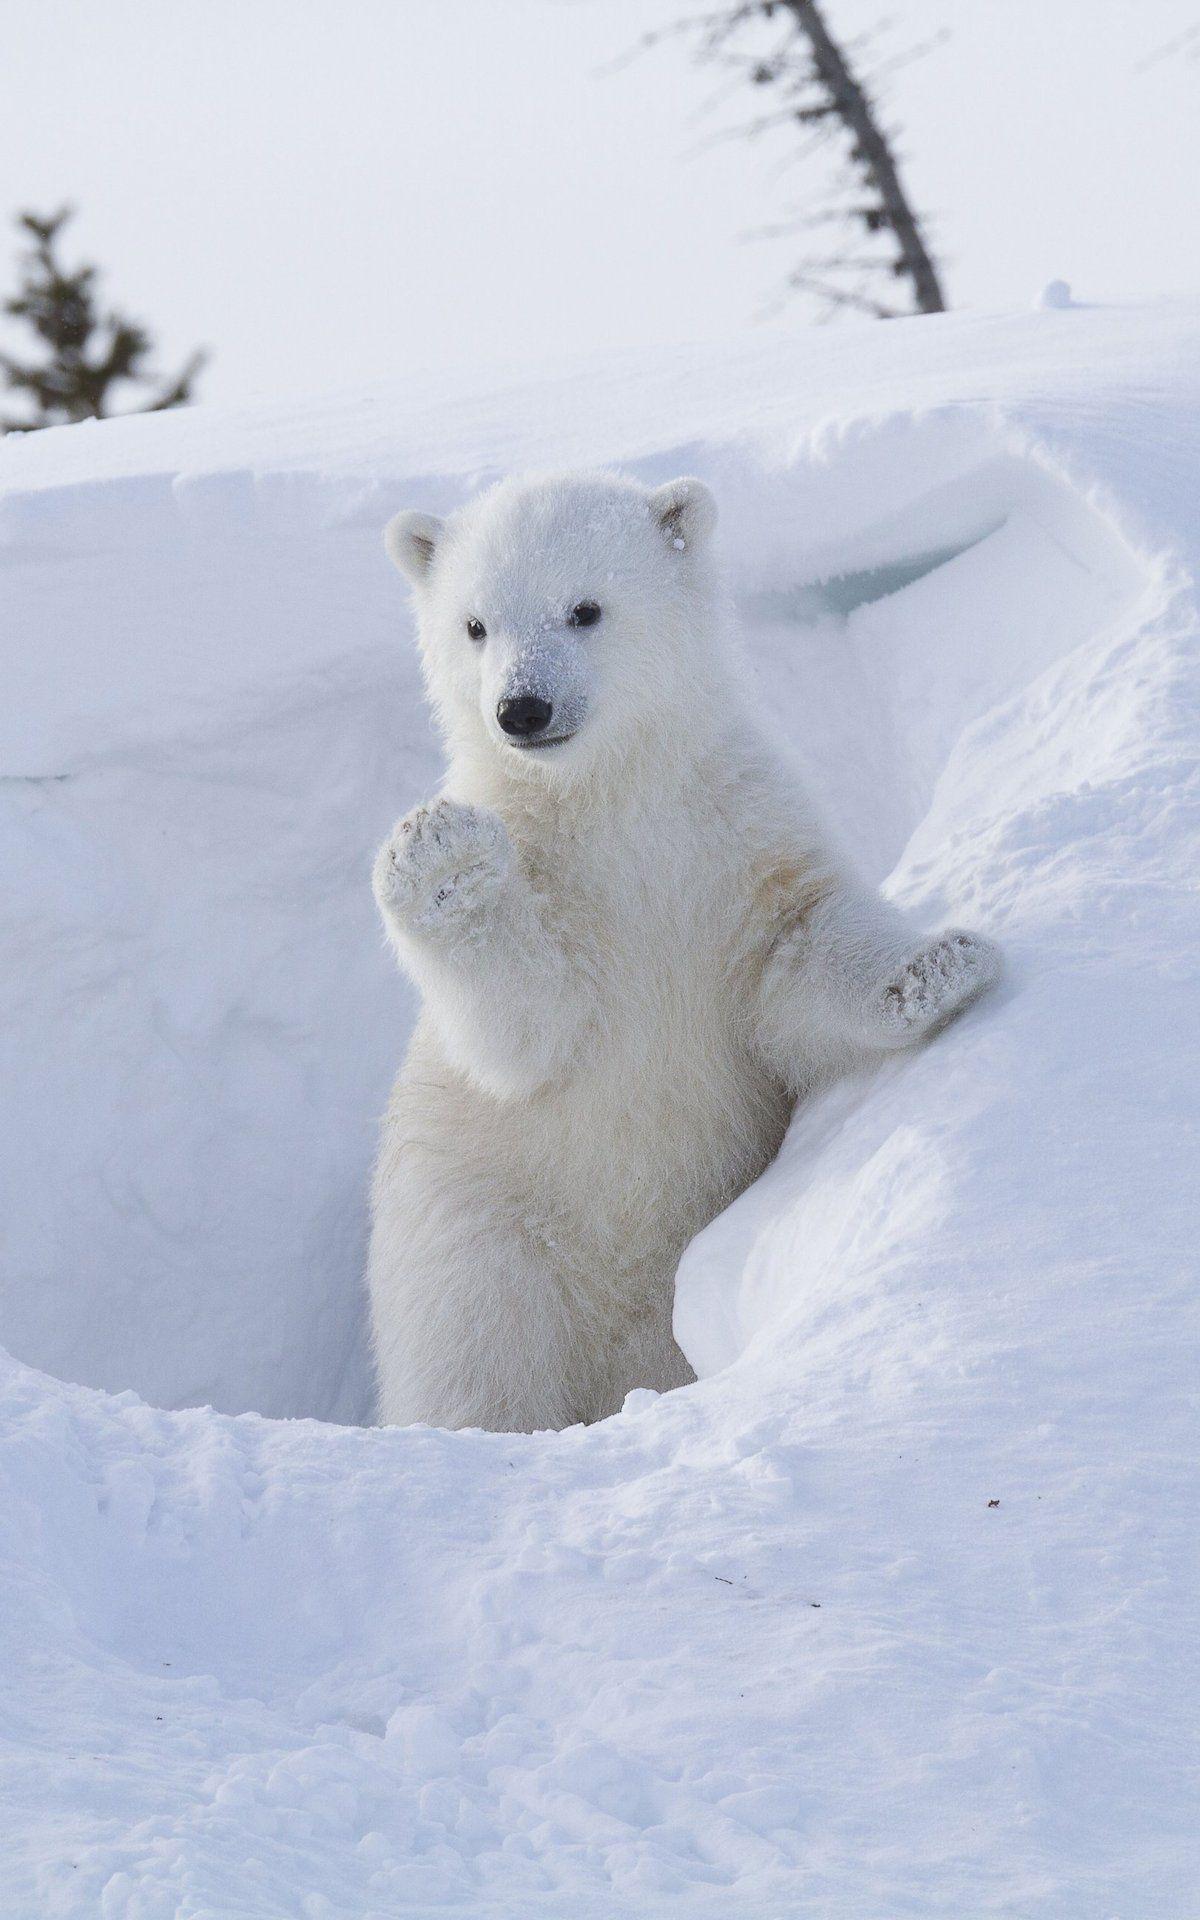 ボード「Cute animals」のピン